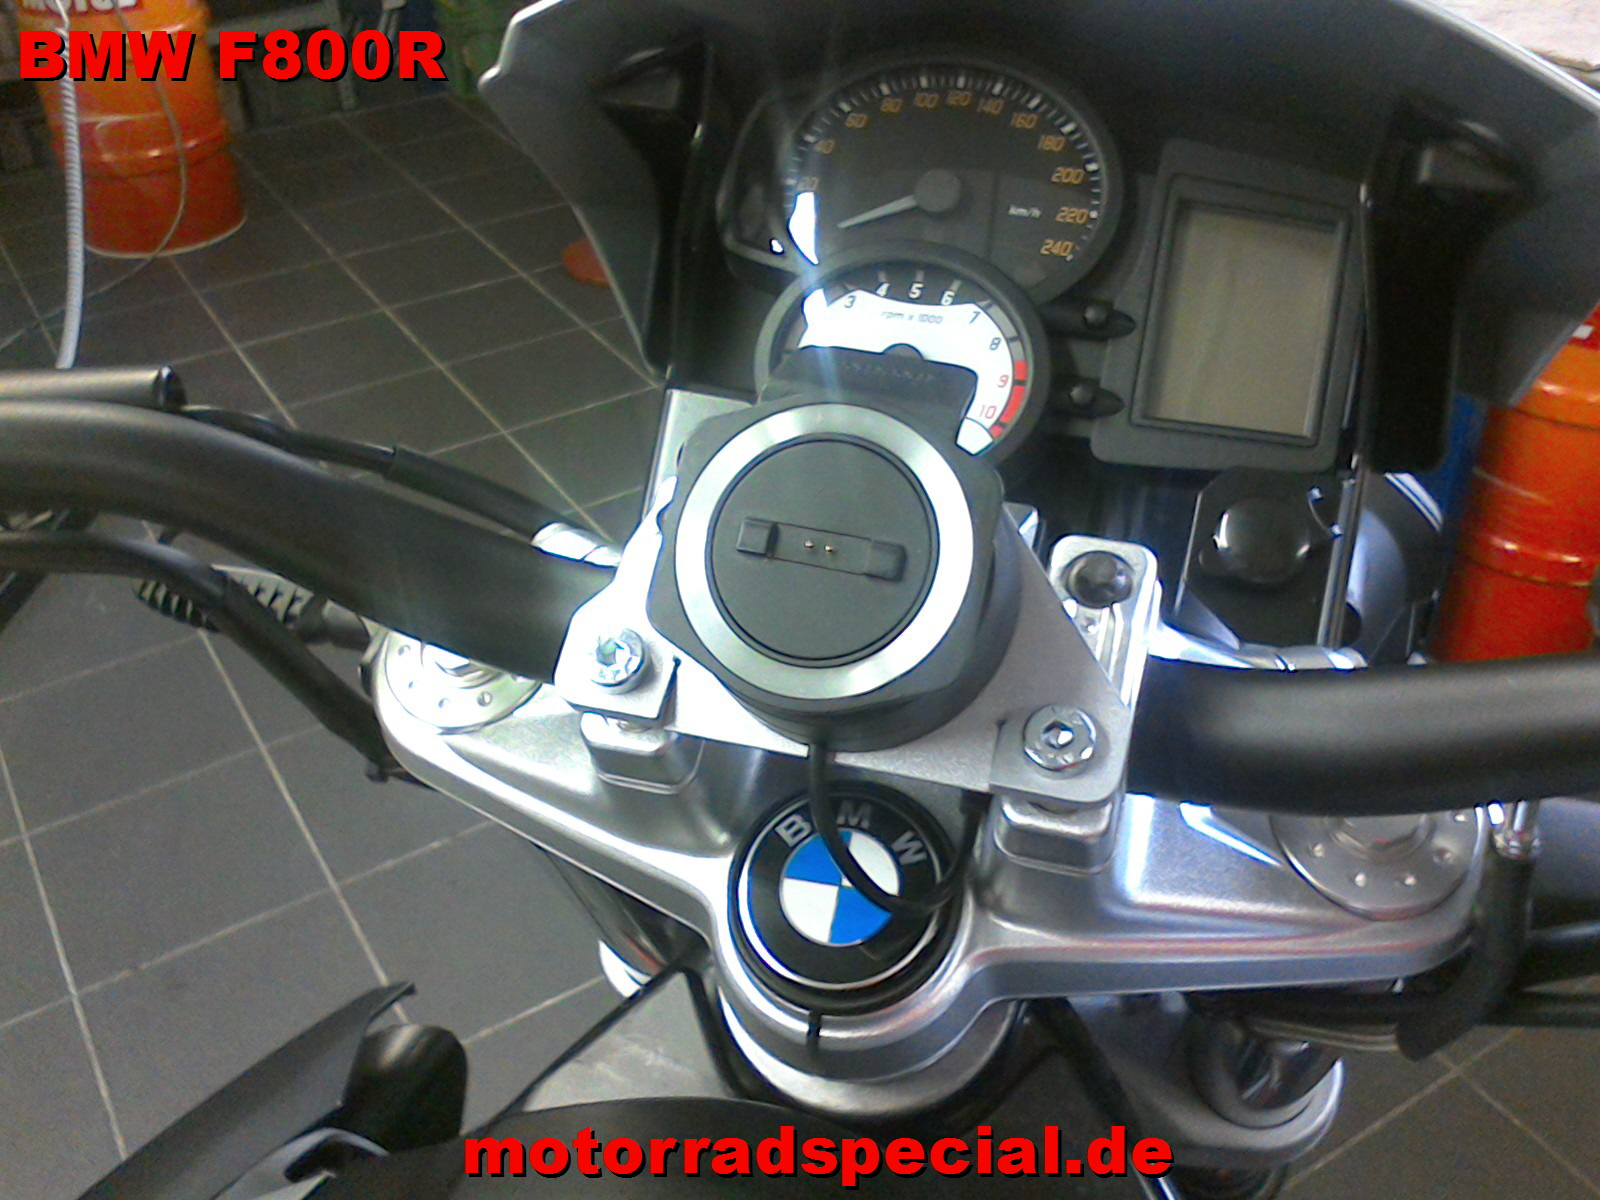 BMW_F800R_navigationshalter_Navihalter_Navihalterung_4